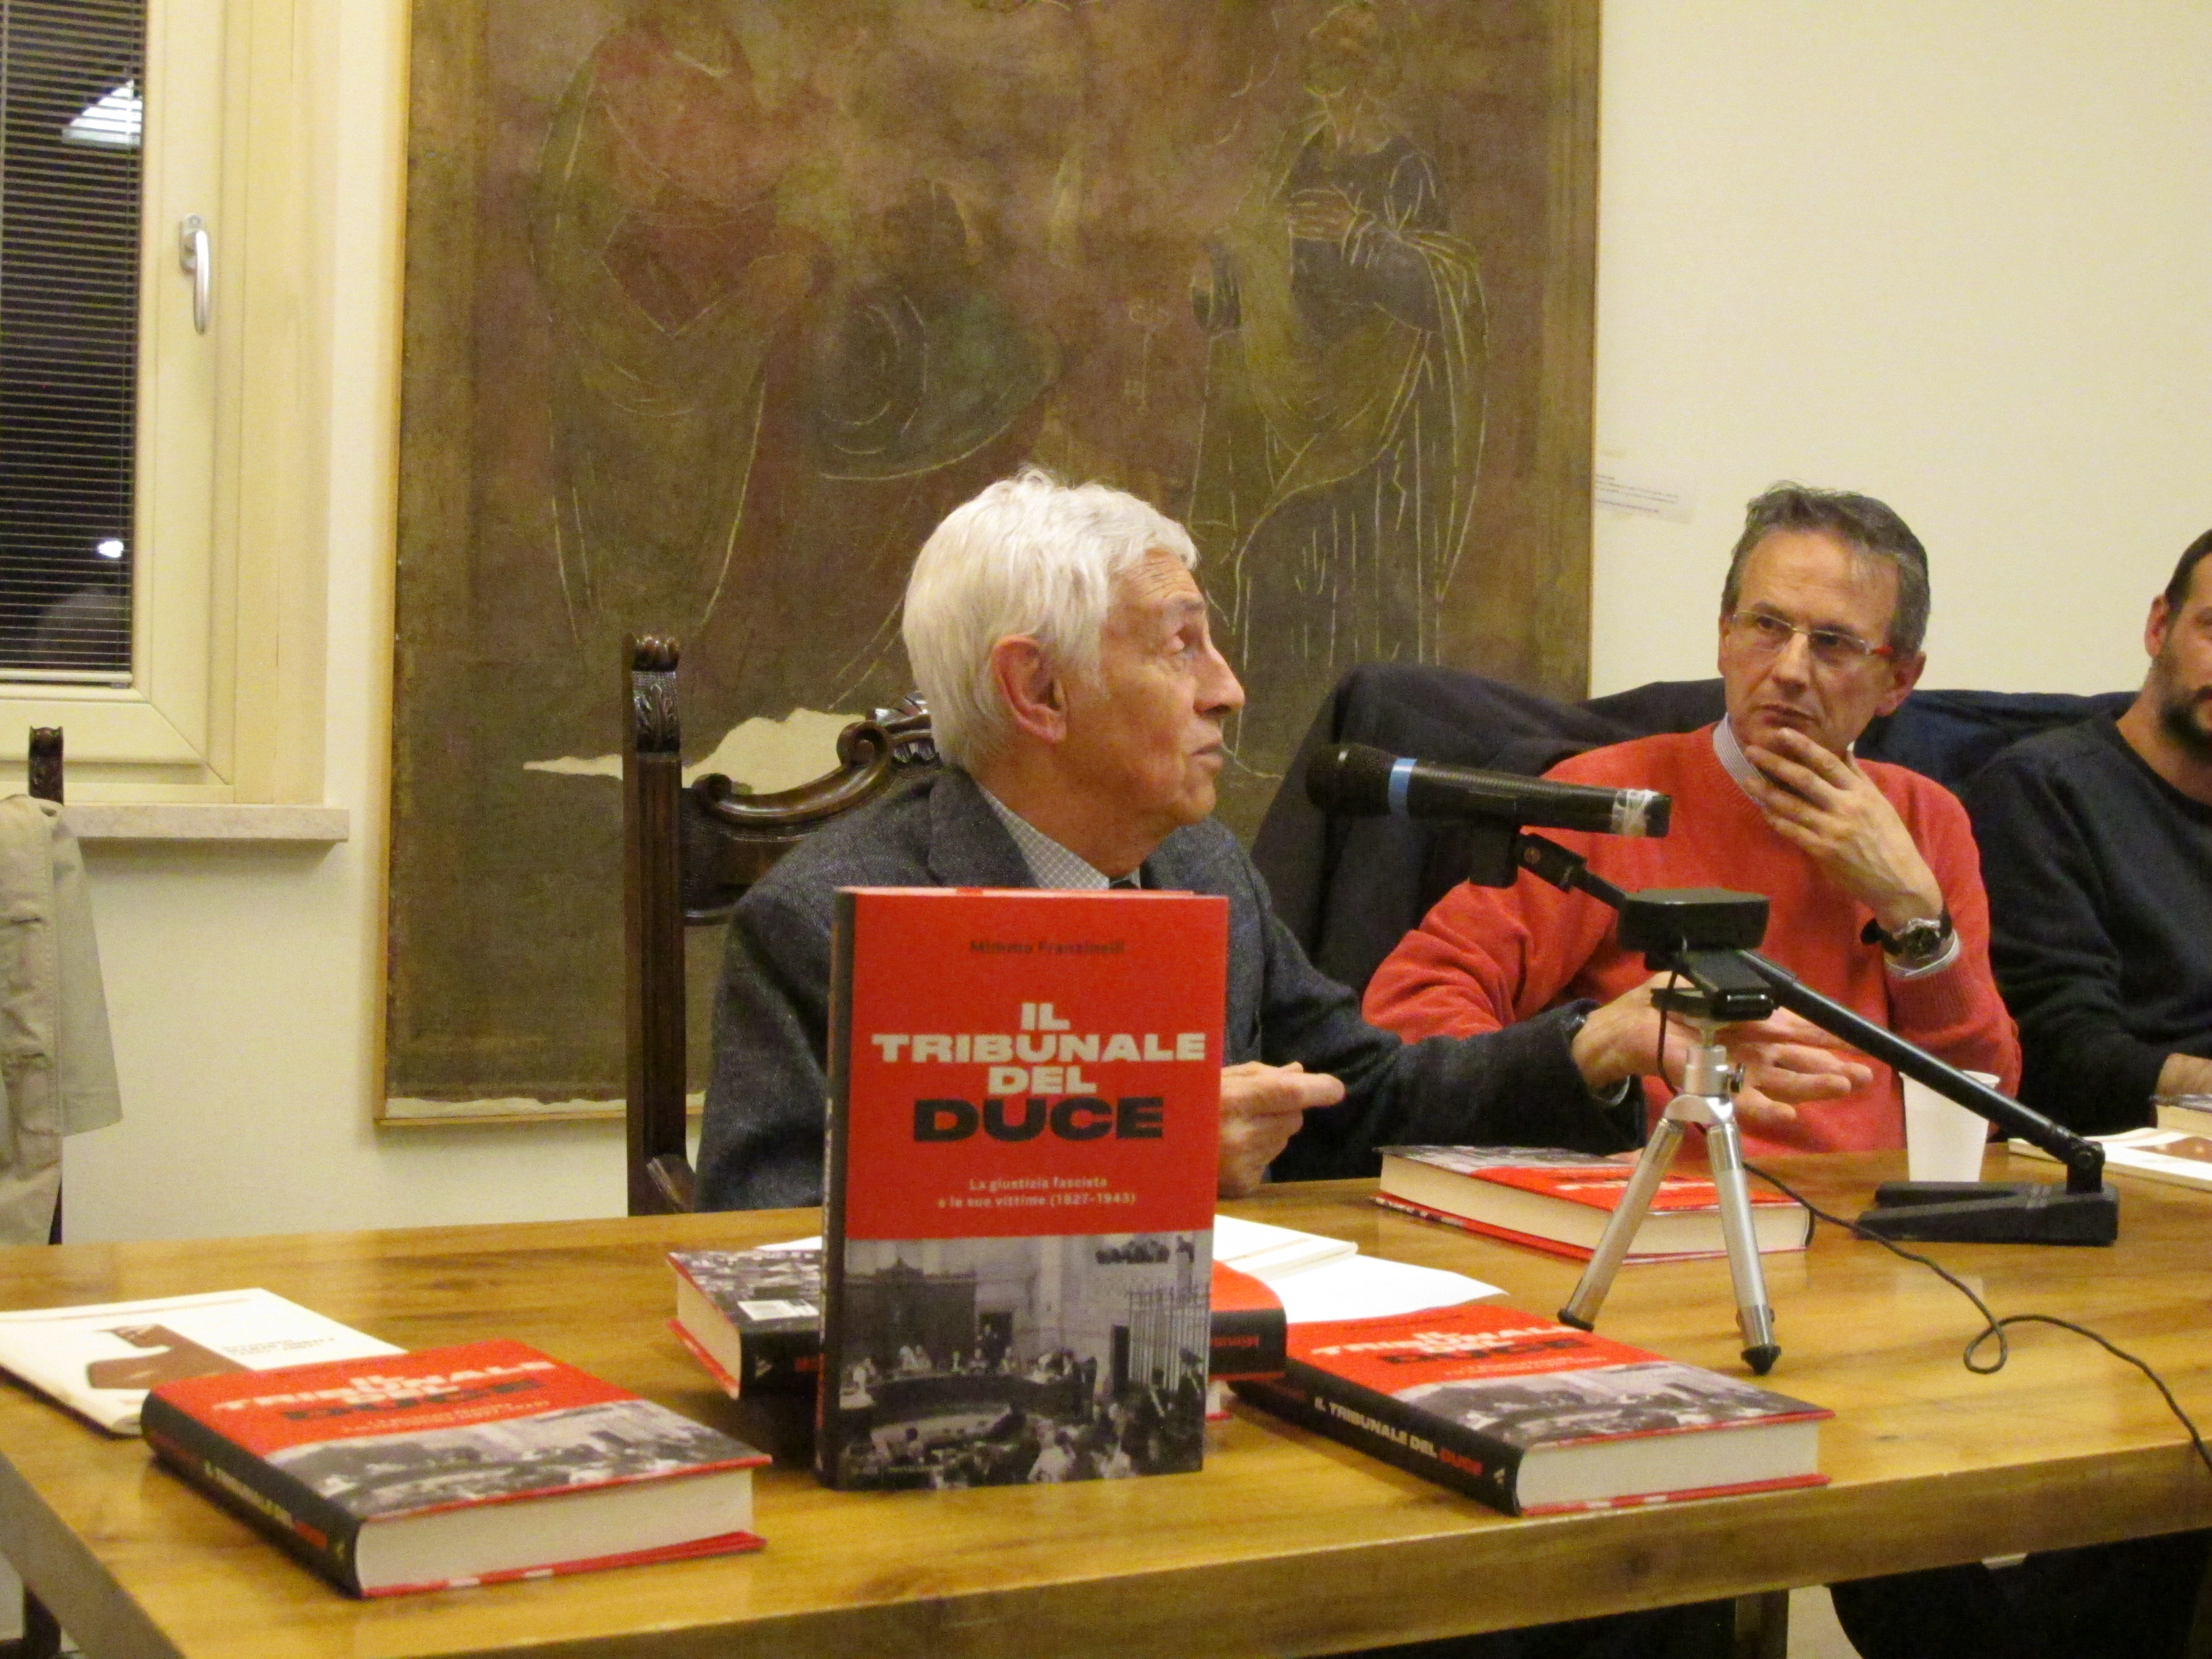 15_presentazione Il tribunale del Duce di Mimmo Franzinelli_20 aprile 2017 a Malegno